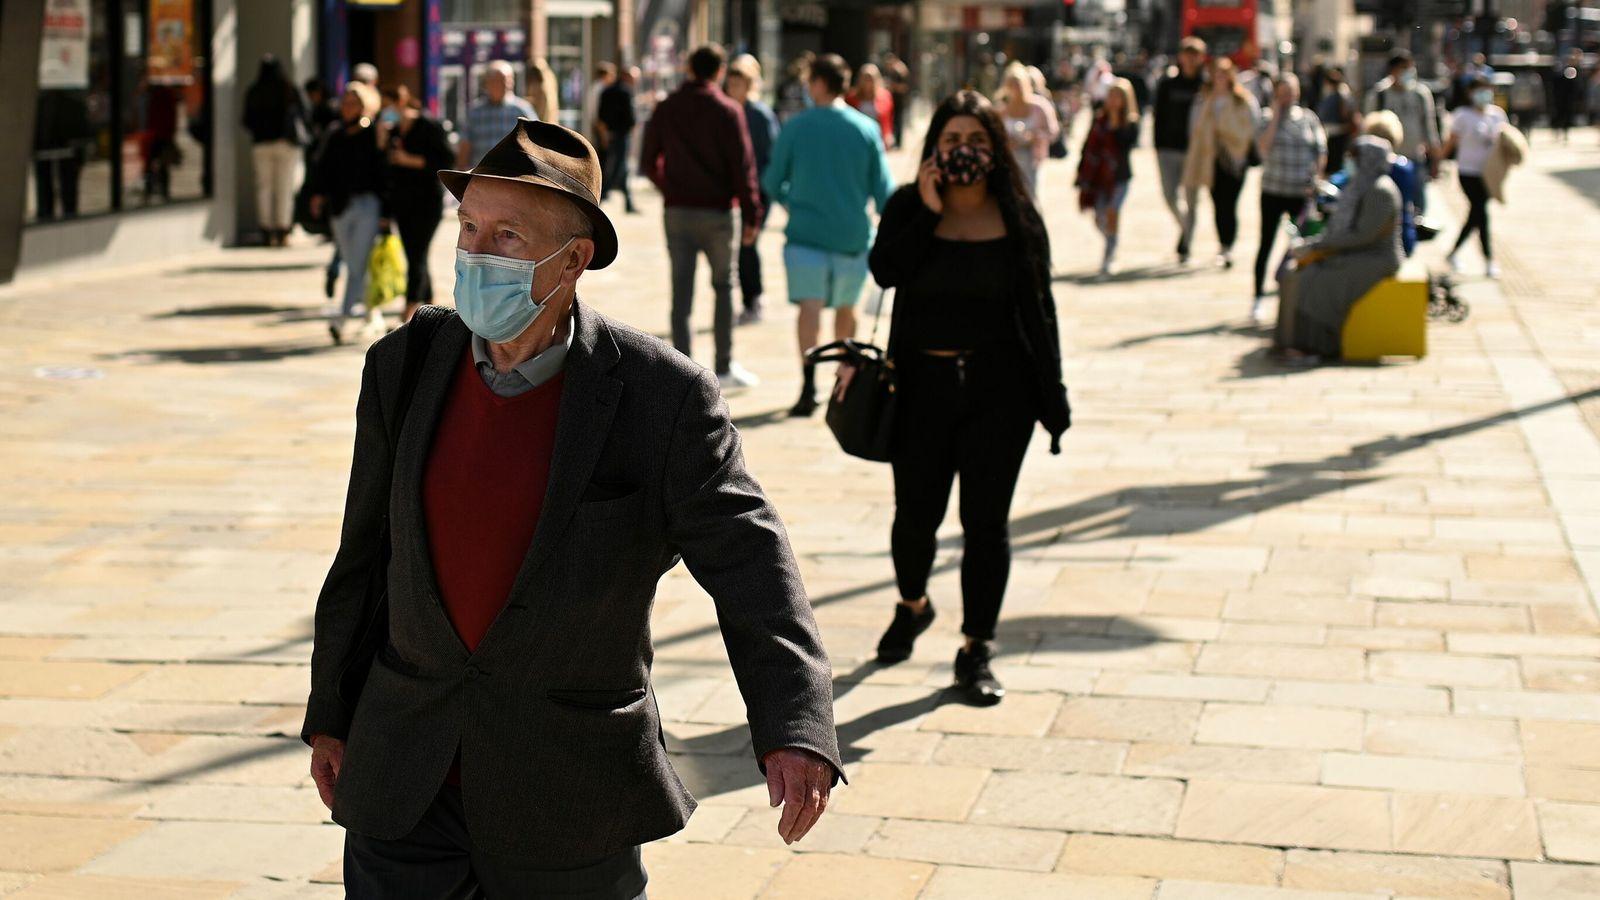 Covid-19/ Shkencëtarët britanikë rekomandojnë bllokim të dytë kombëtar në tetor